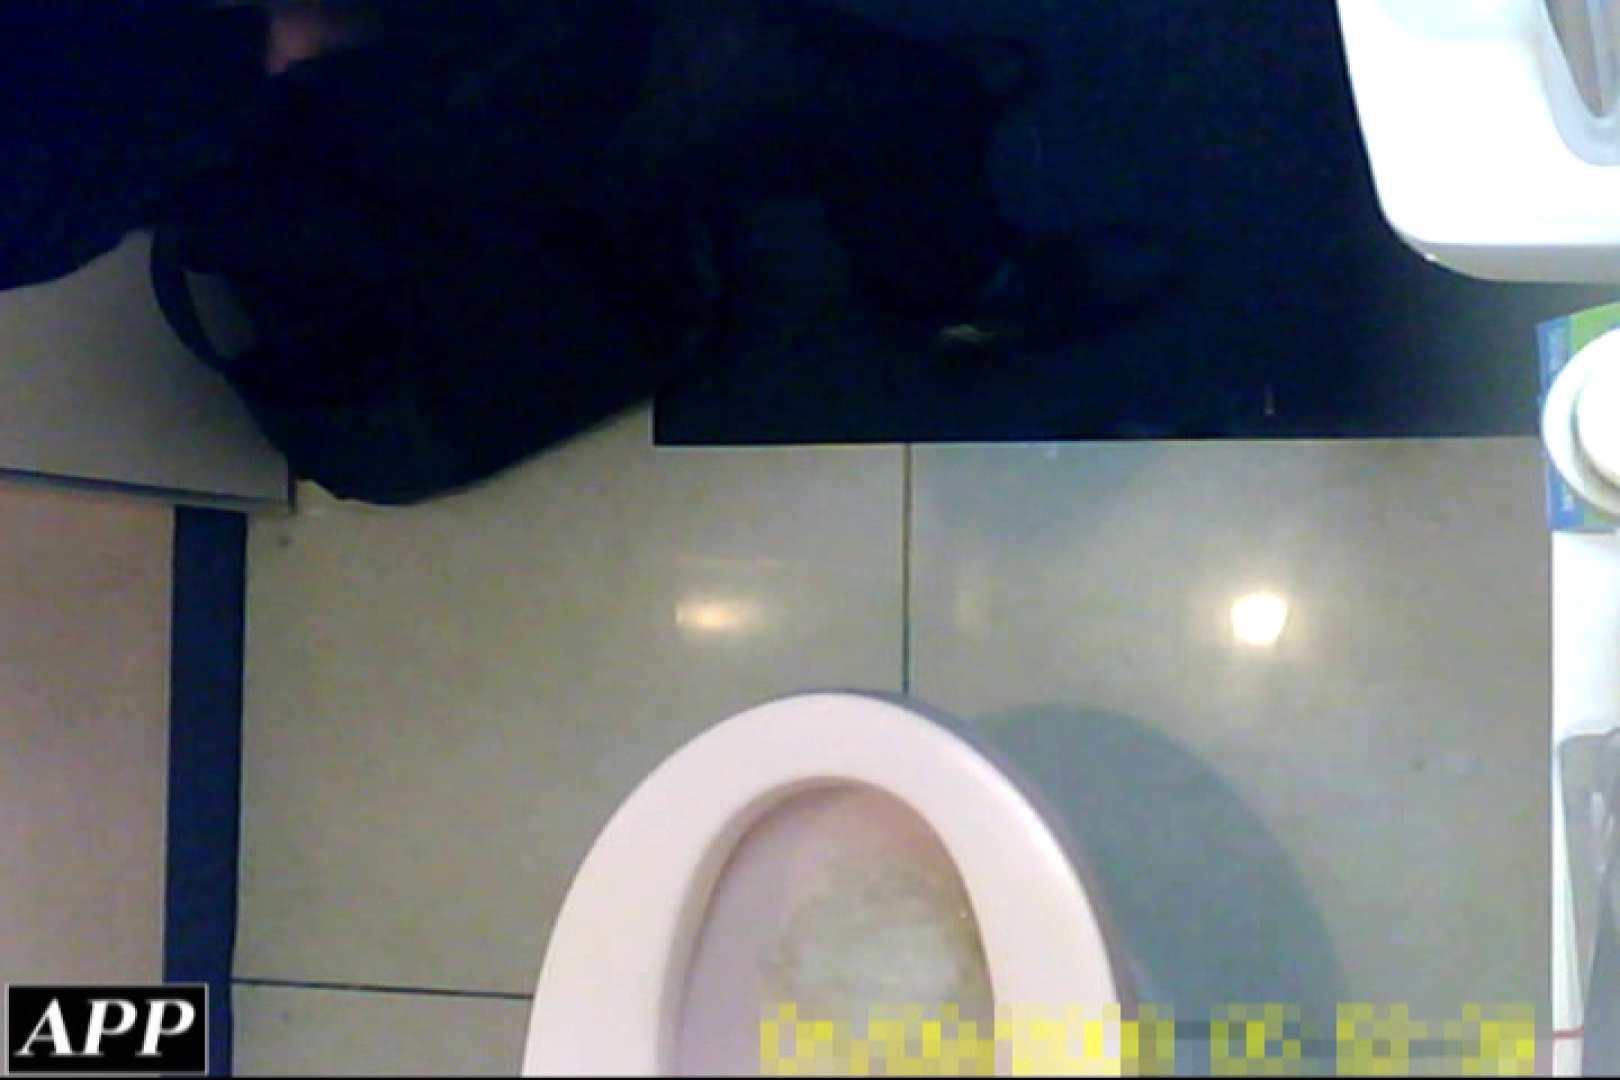 3視点洗面所 vol.90 洗面所 オマンコ動画キャプチャ 89pic 68